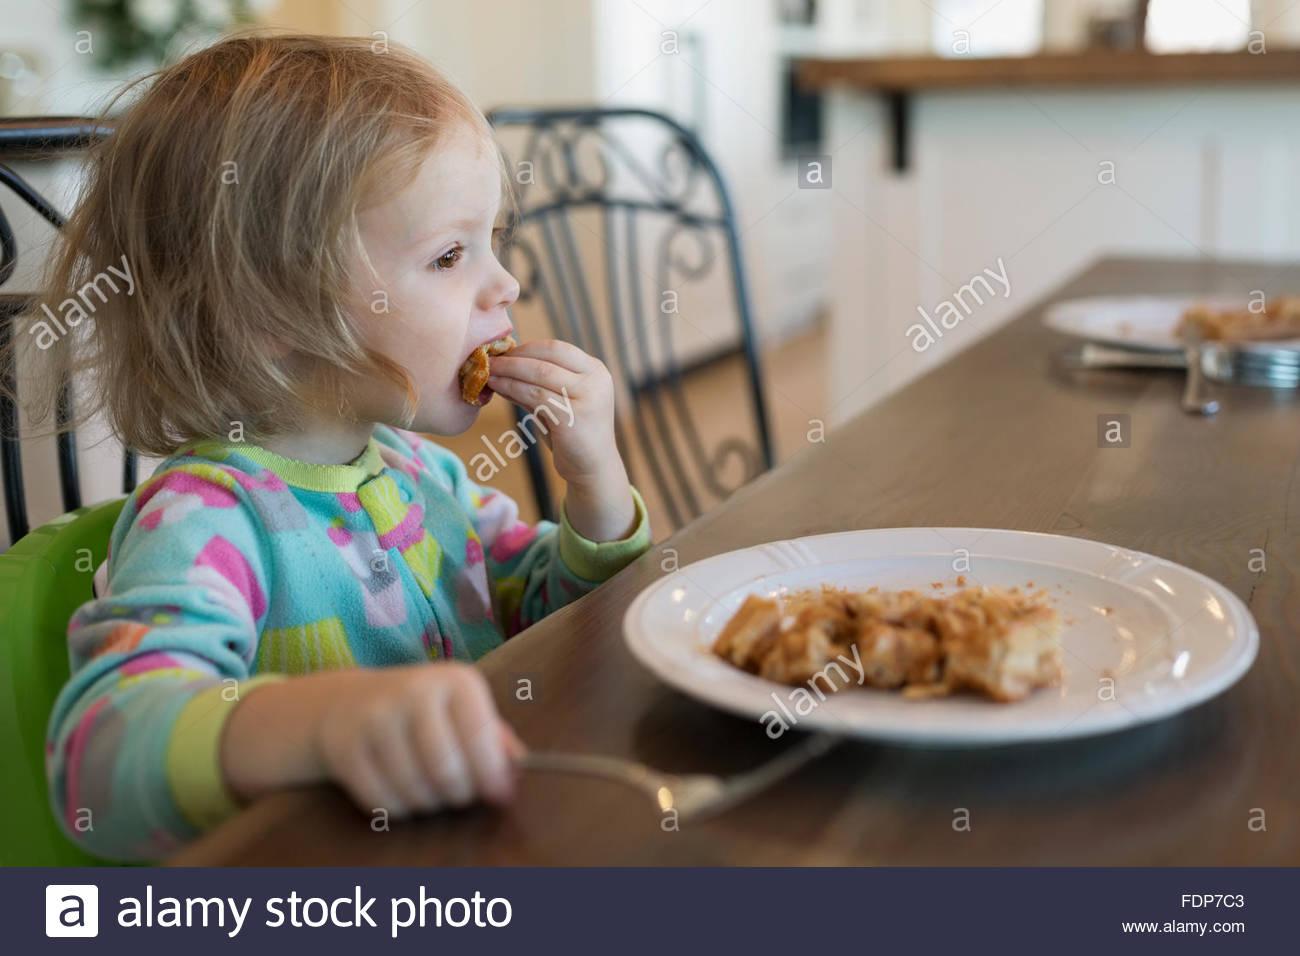 Mädchen essen Waffeln am Frühstückstisch Stockbild